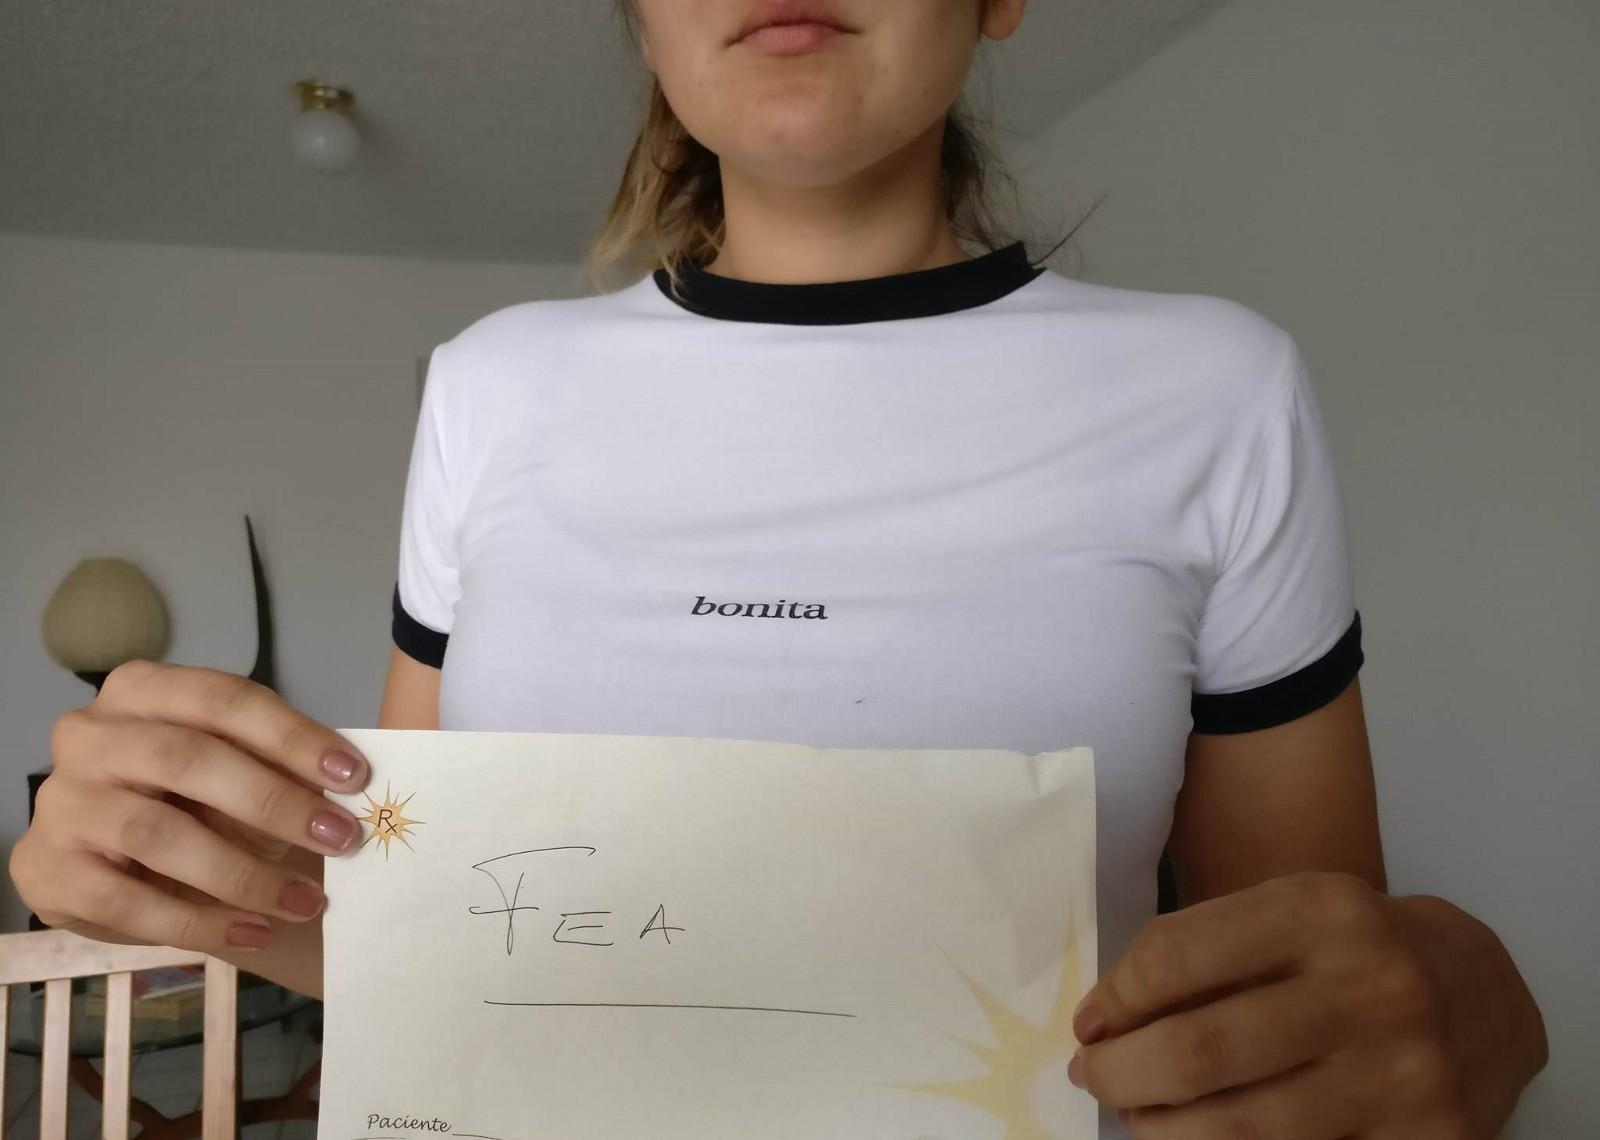 Esta joven cuenta en una carta el infierno que vivió en su última visita al ginecólogo